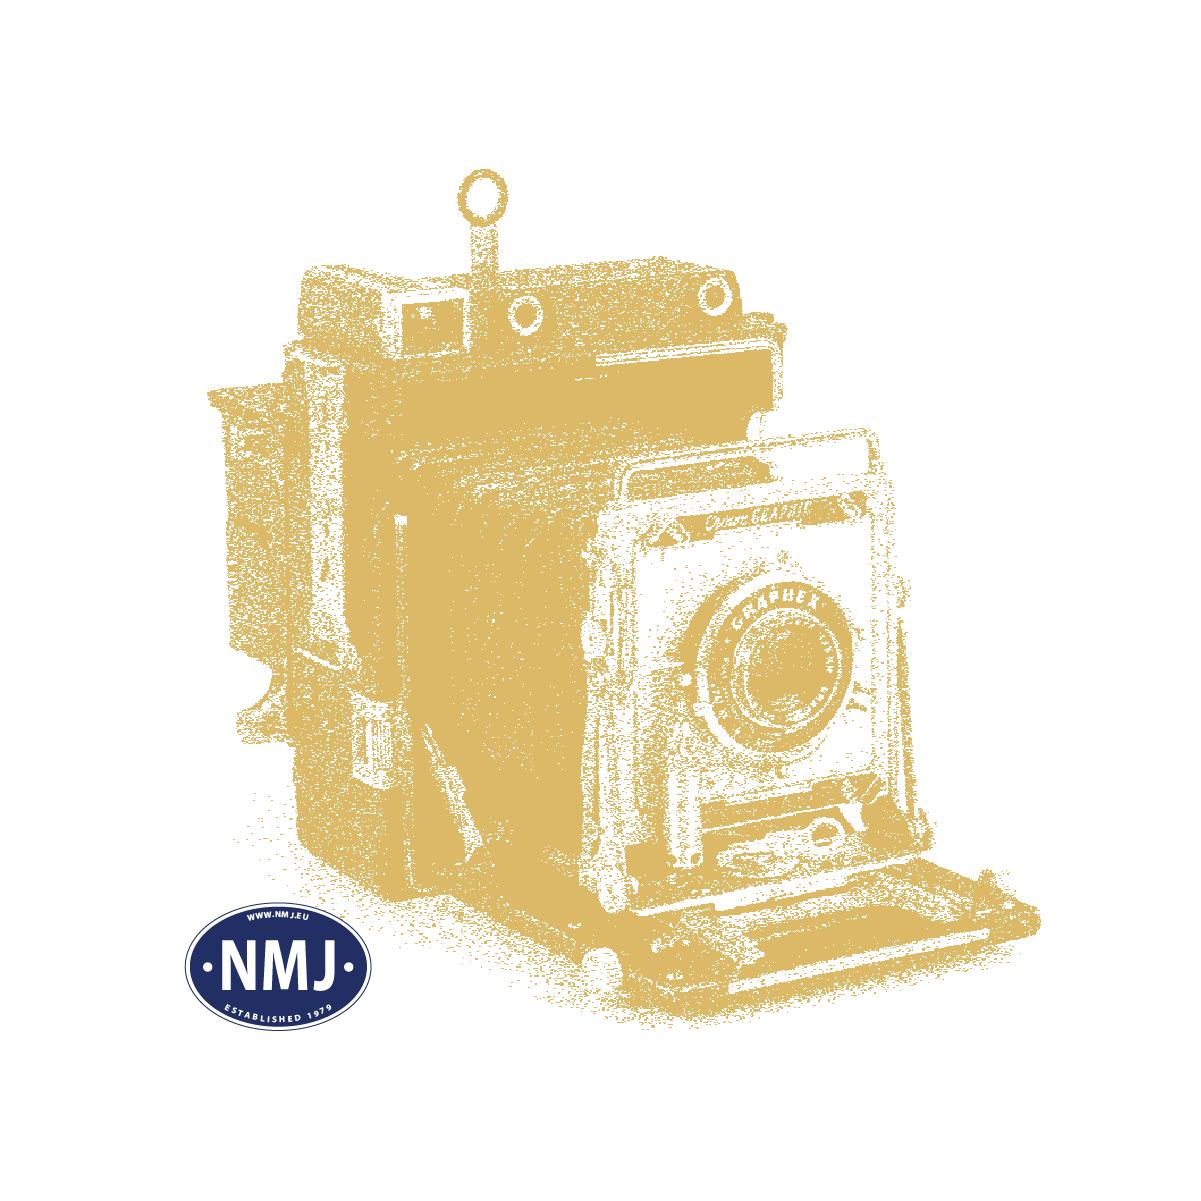 NMJB1137 - NMJ Tømmerstabler/Masseved for RPS tømmervogner, 3 Stk